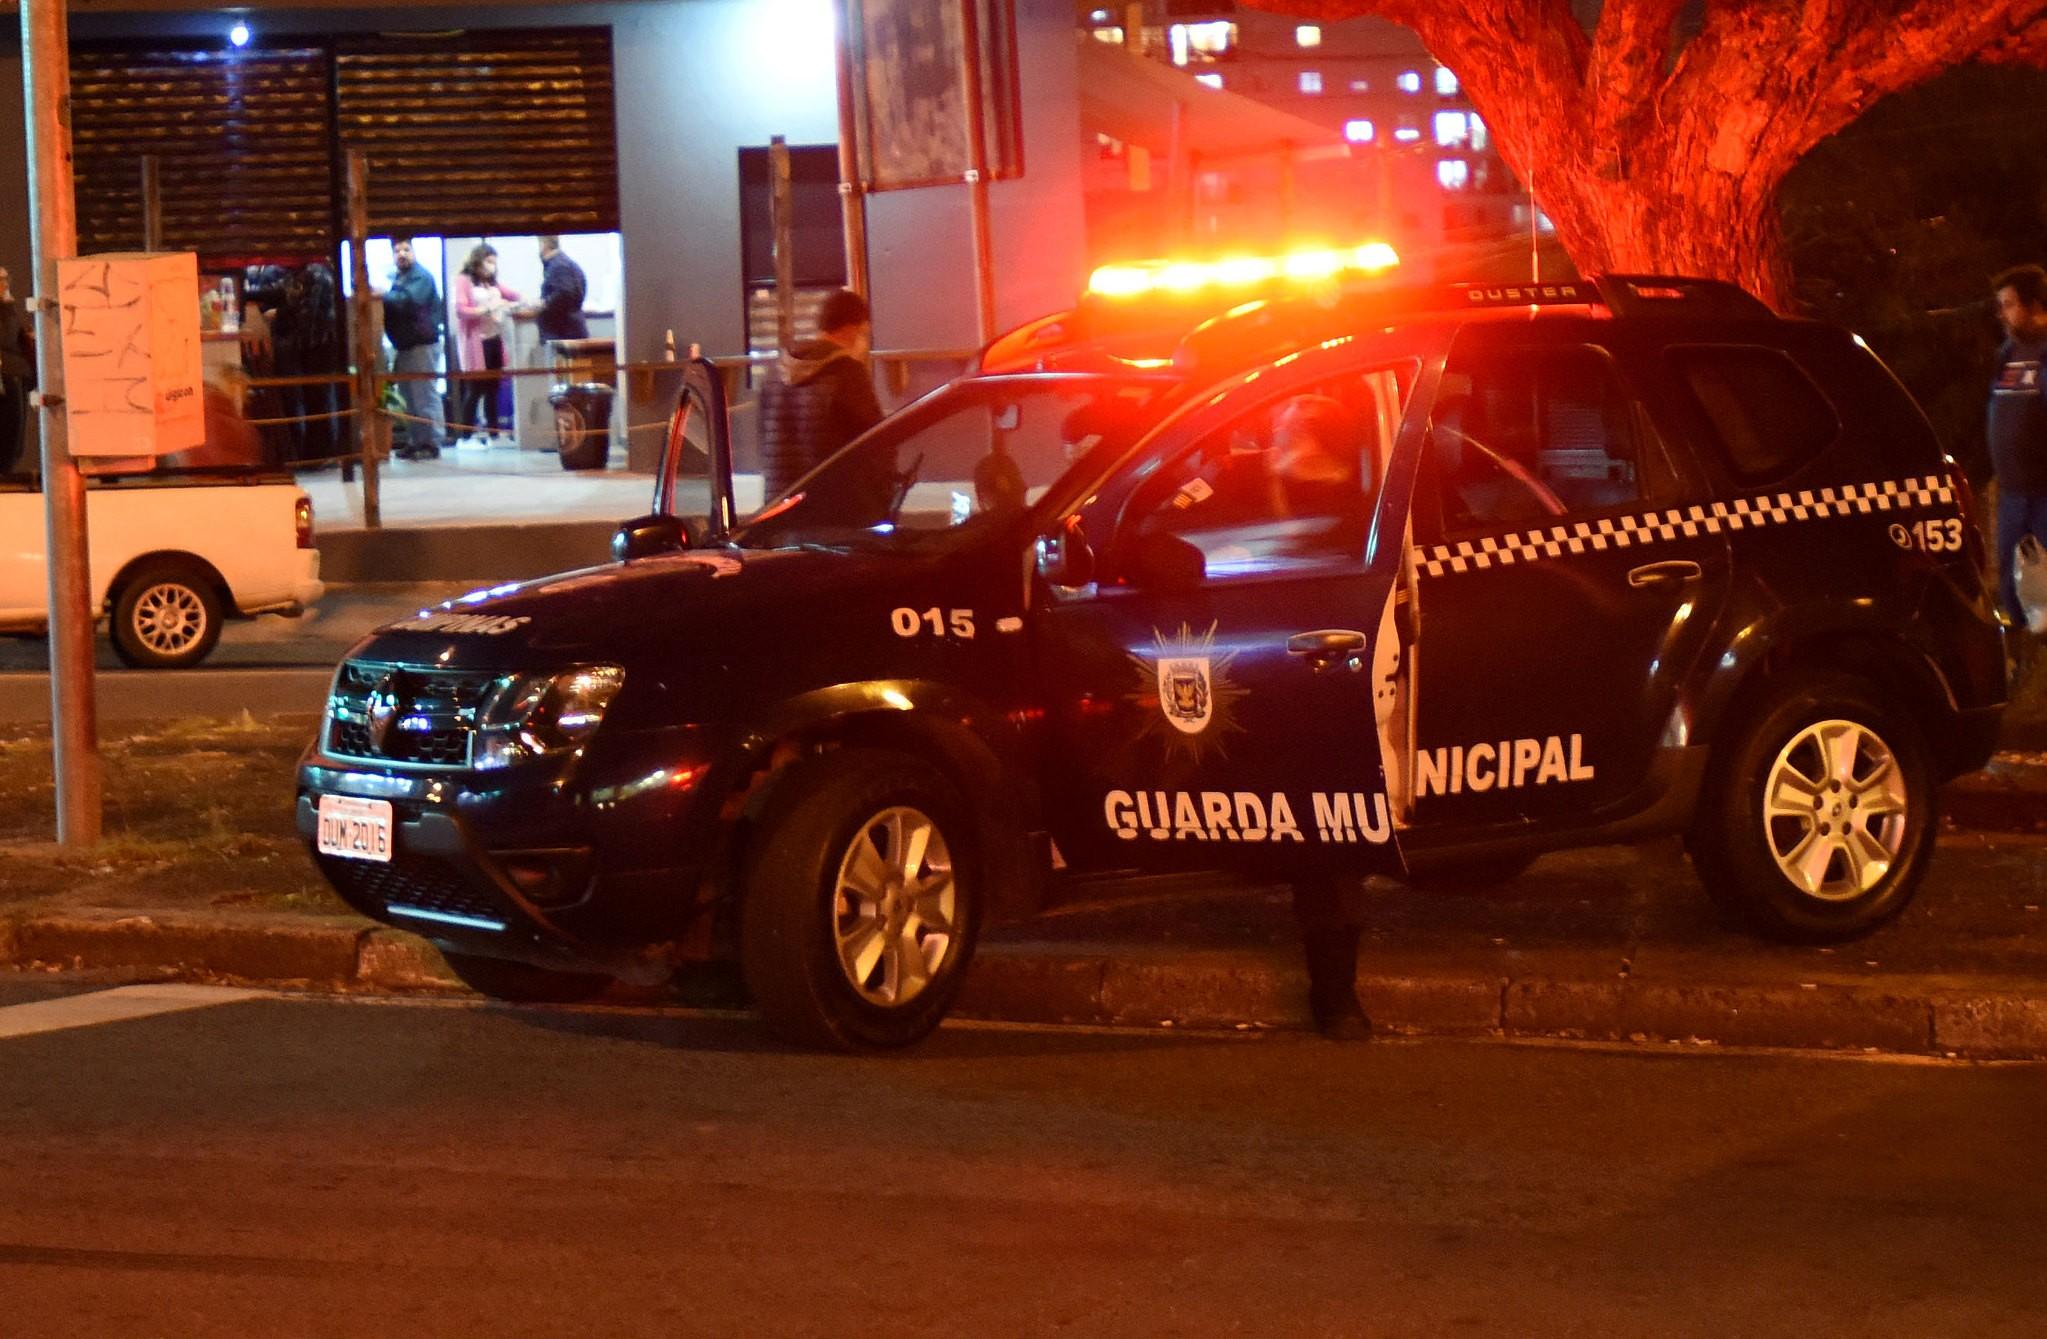 Guarda Municipal dispersa 2.238 pessoas aglomeradas e fecha 5 comércios em Campinas